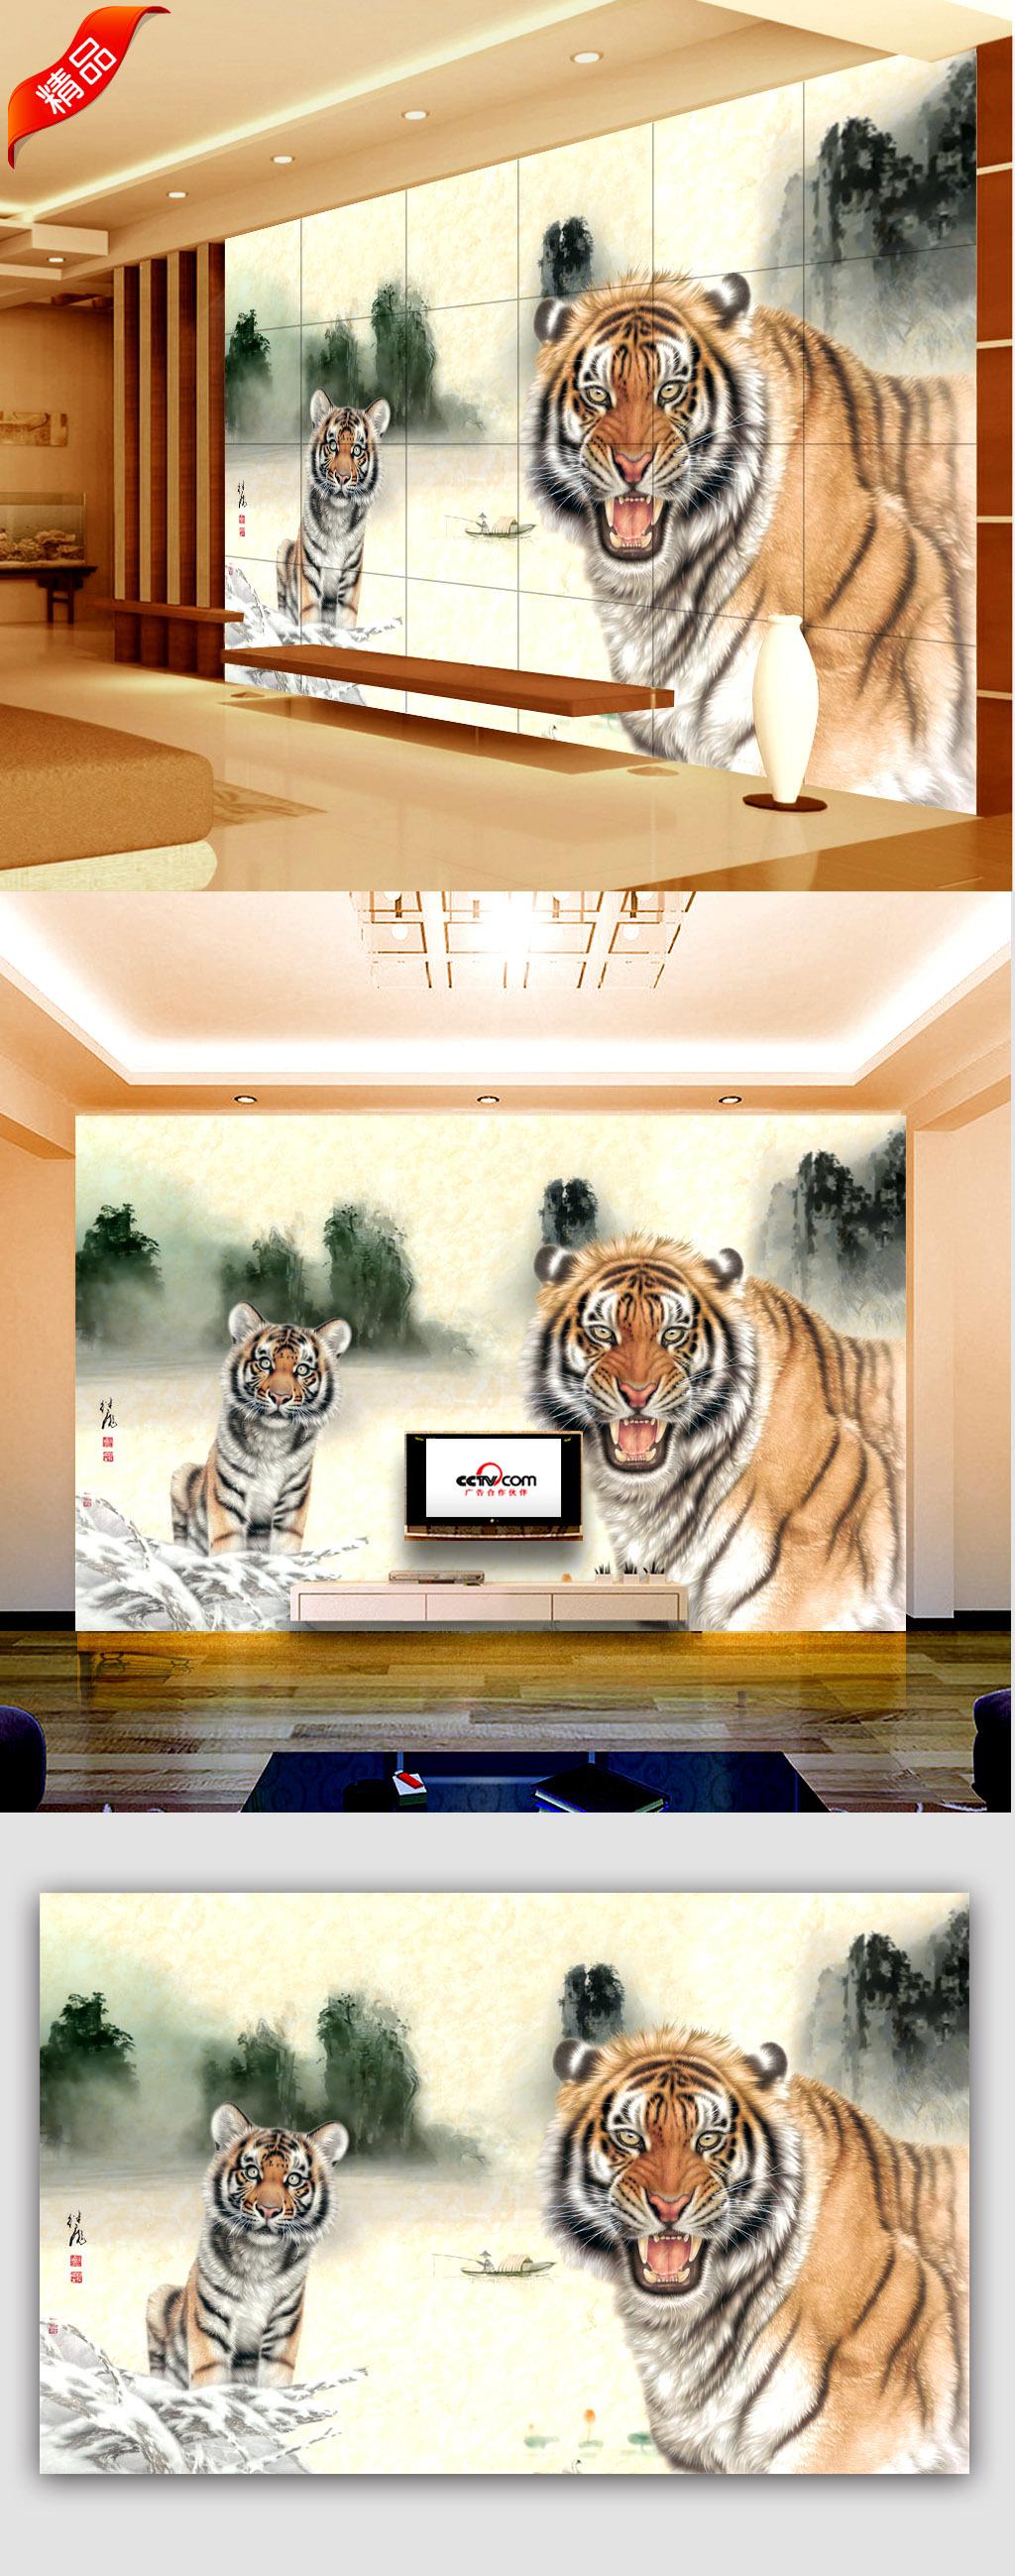 工笔画老虎母子情深背景墙装饰画